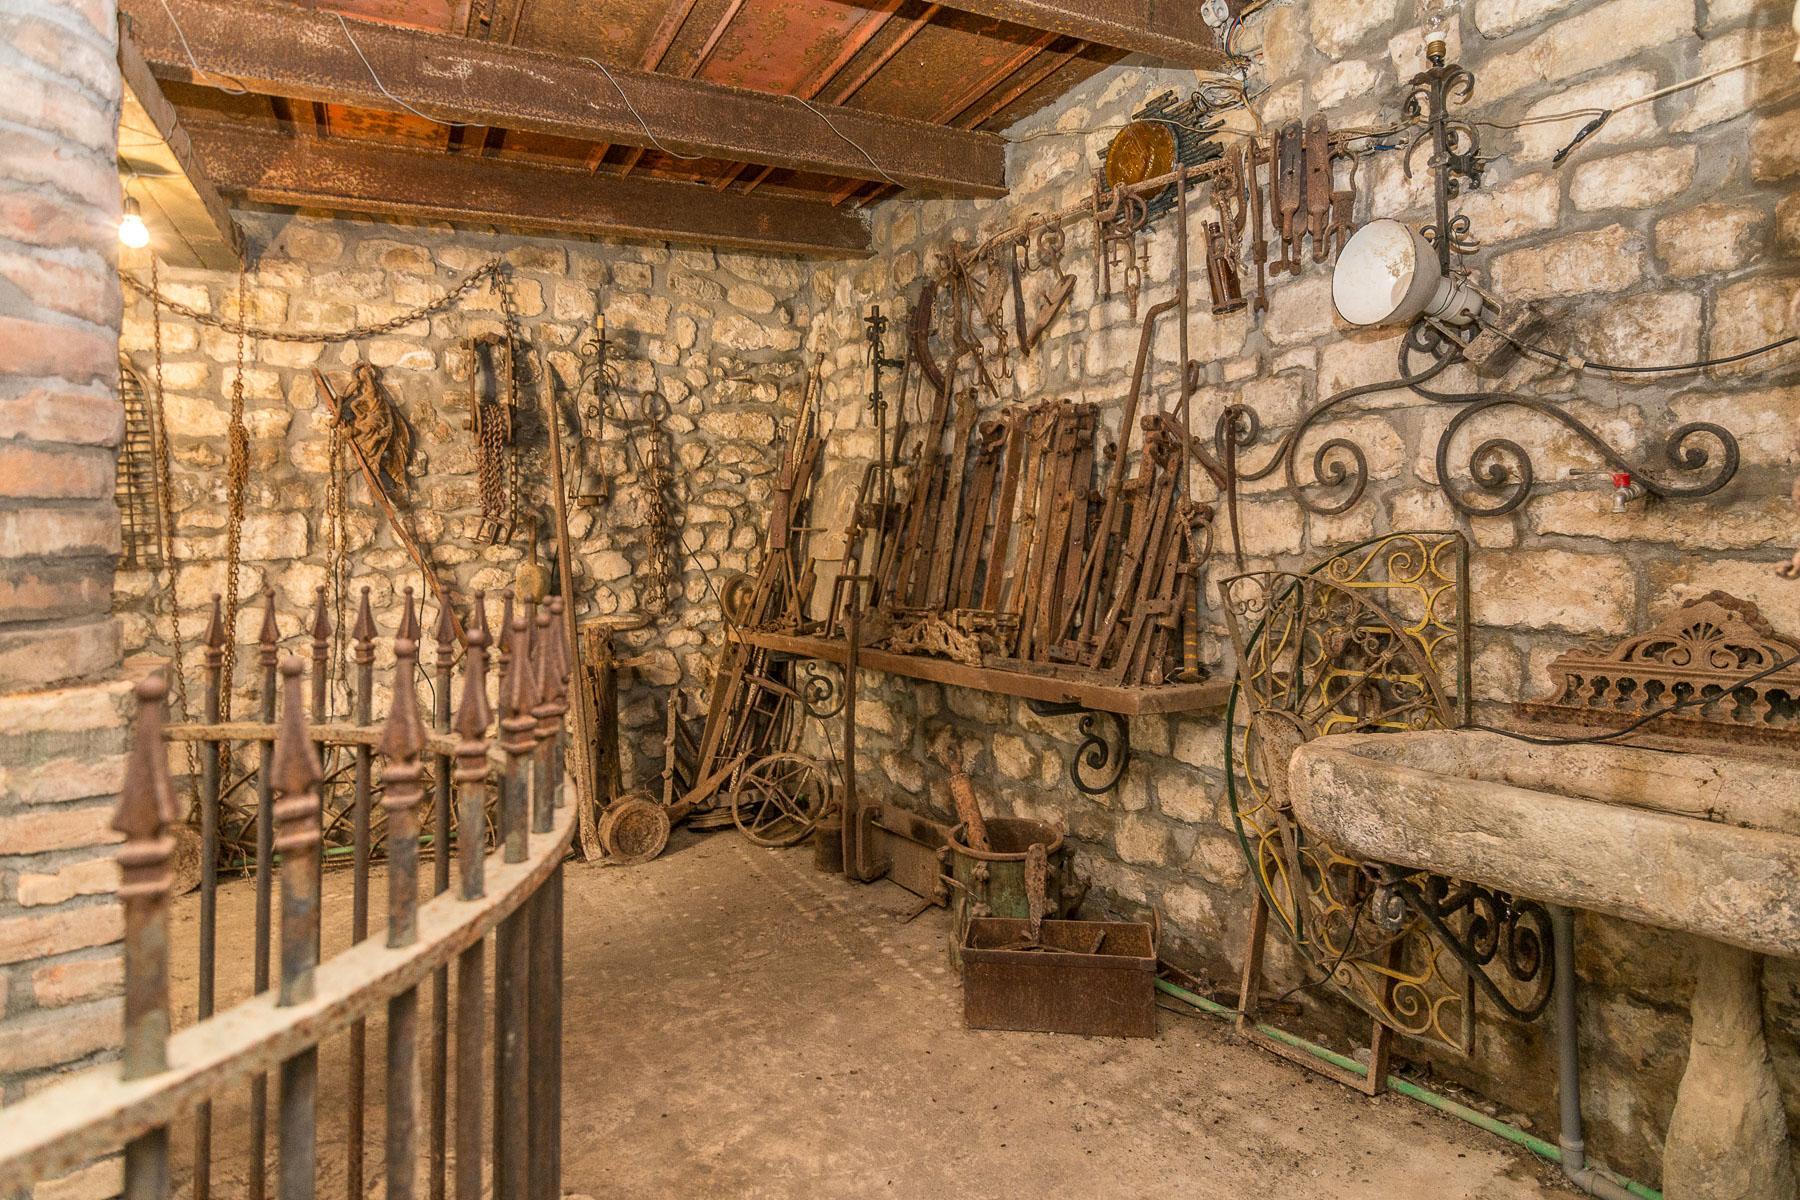 Château de Oramala - 13